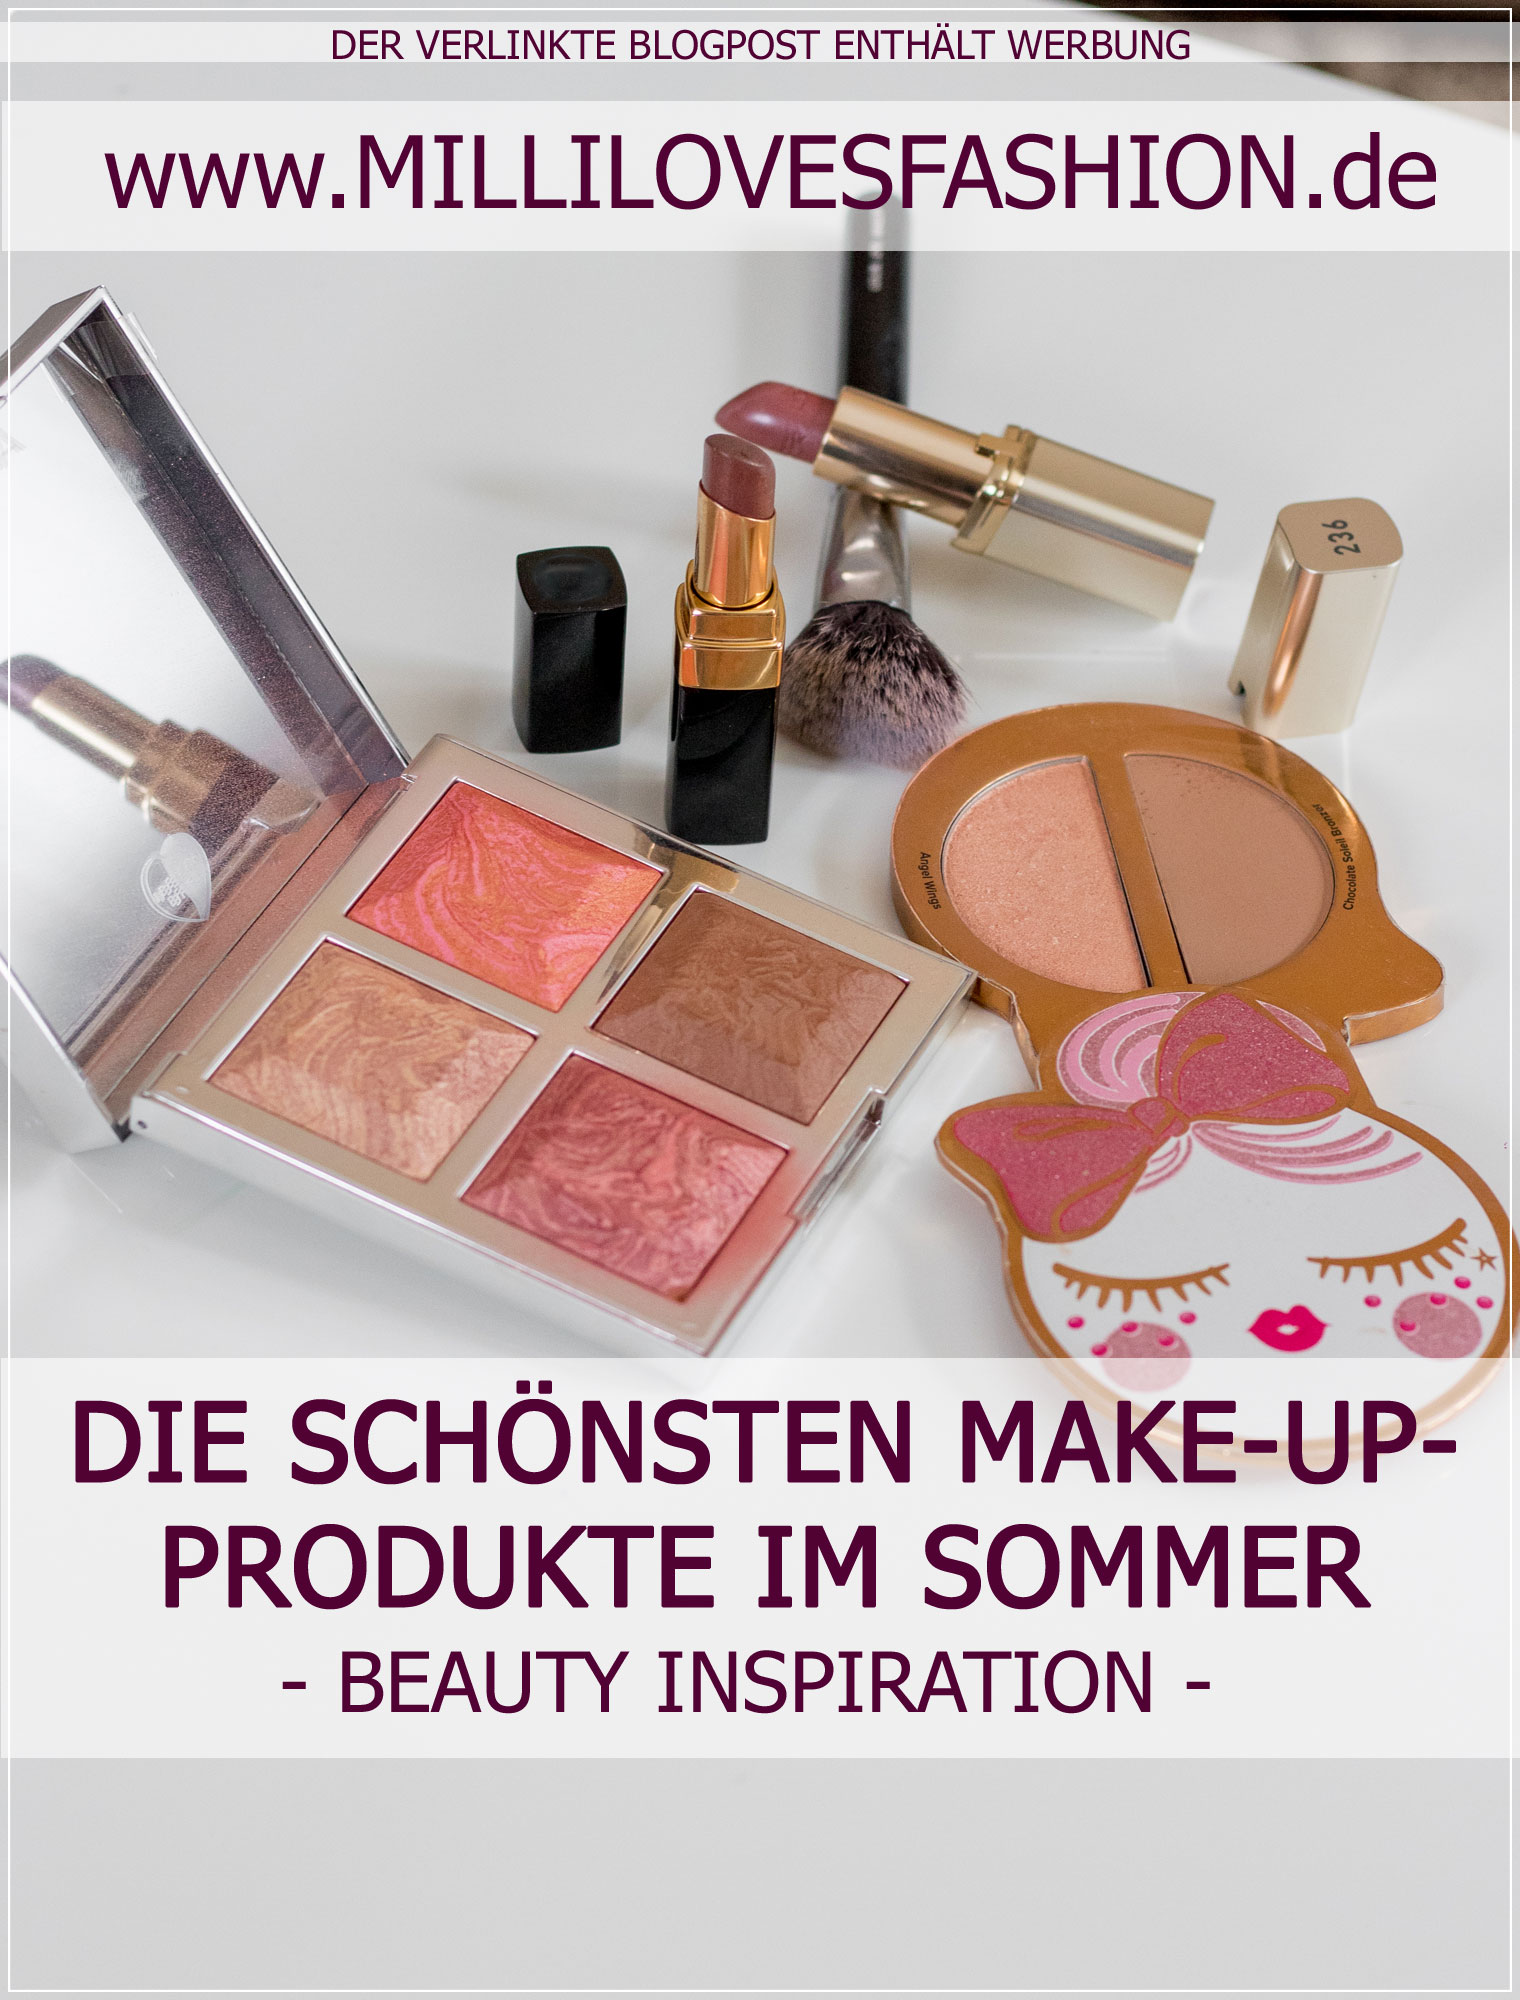 Make-Up-Produkte, Sommer-Make-Up, Beautyblog, Beautyinspiration, Summer-Make-Up, Alltagsmake-Up, Bloggerin, Fashionblog